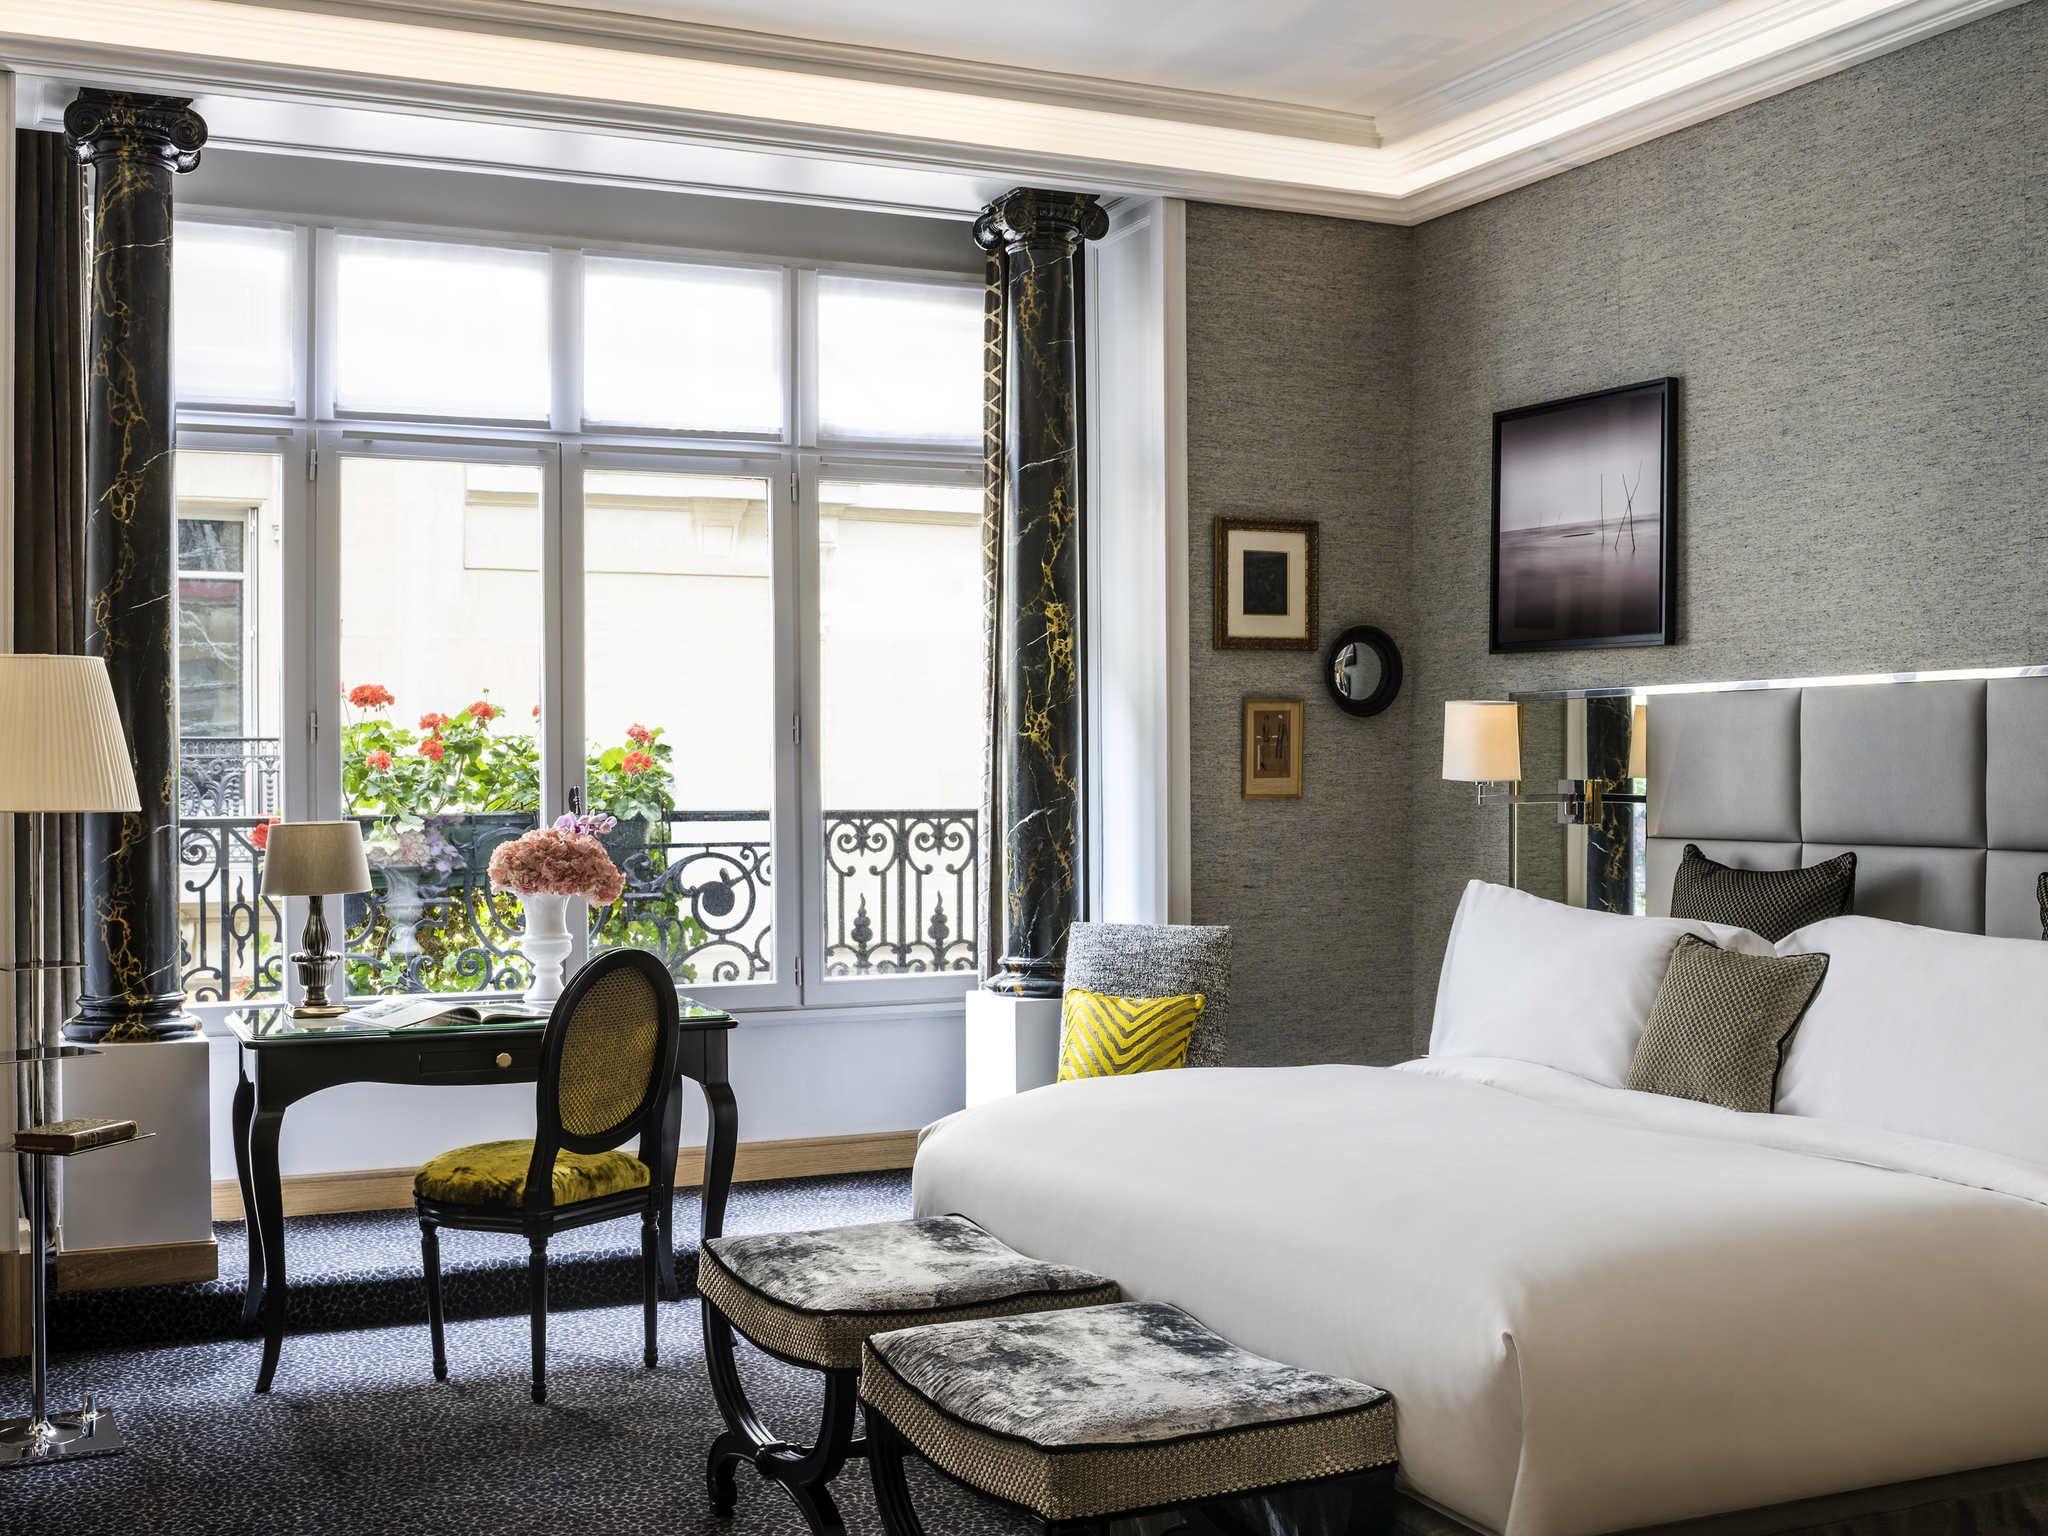 The Sofitel Paris Baltimore Tour Eiffel is nestled among ...